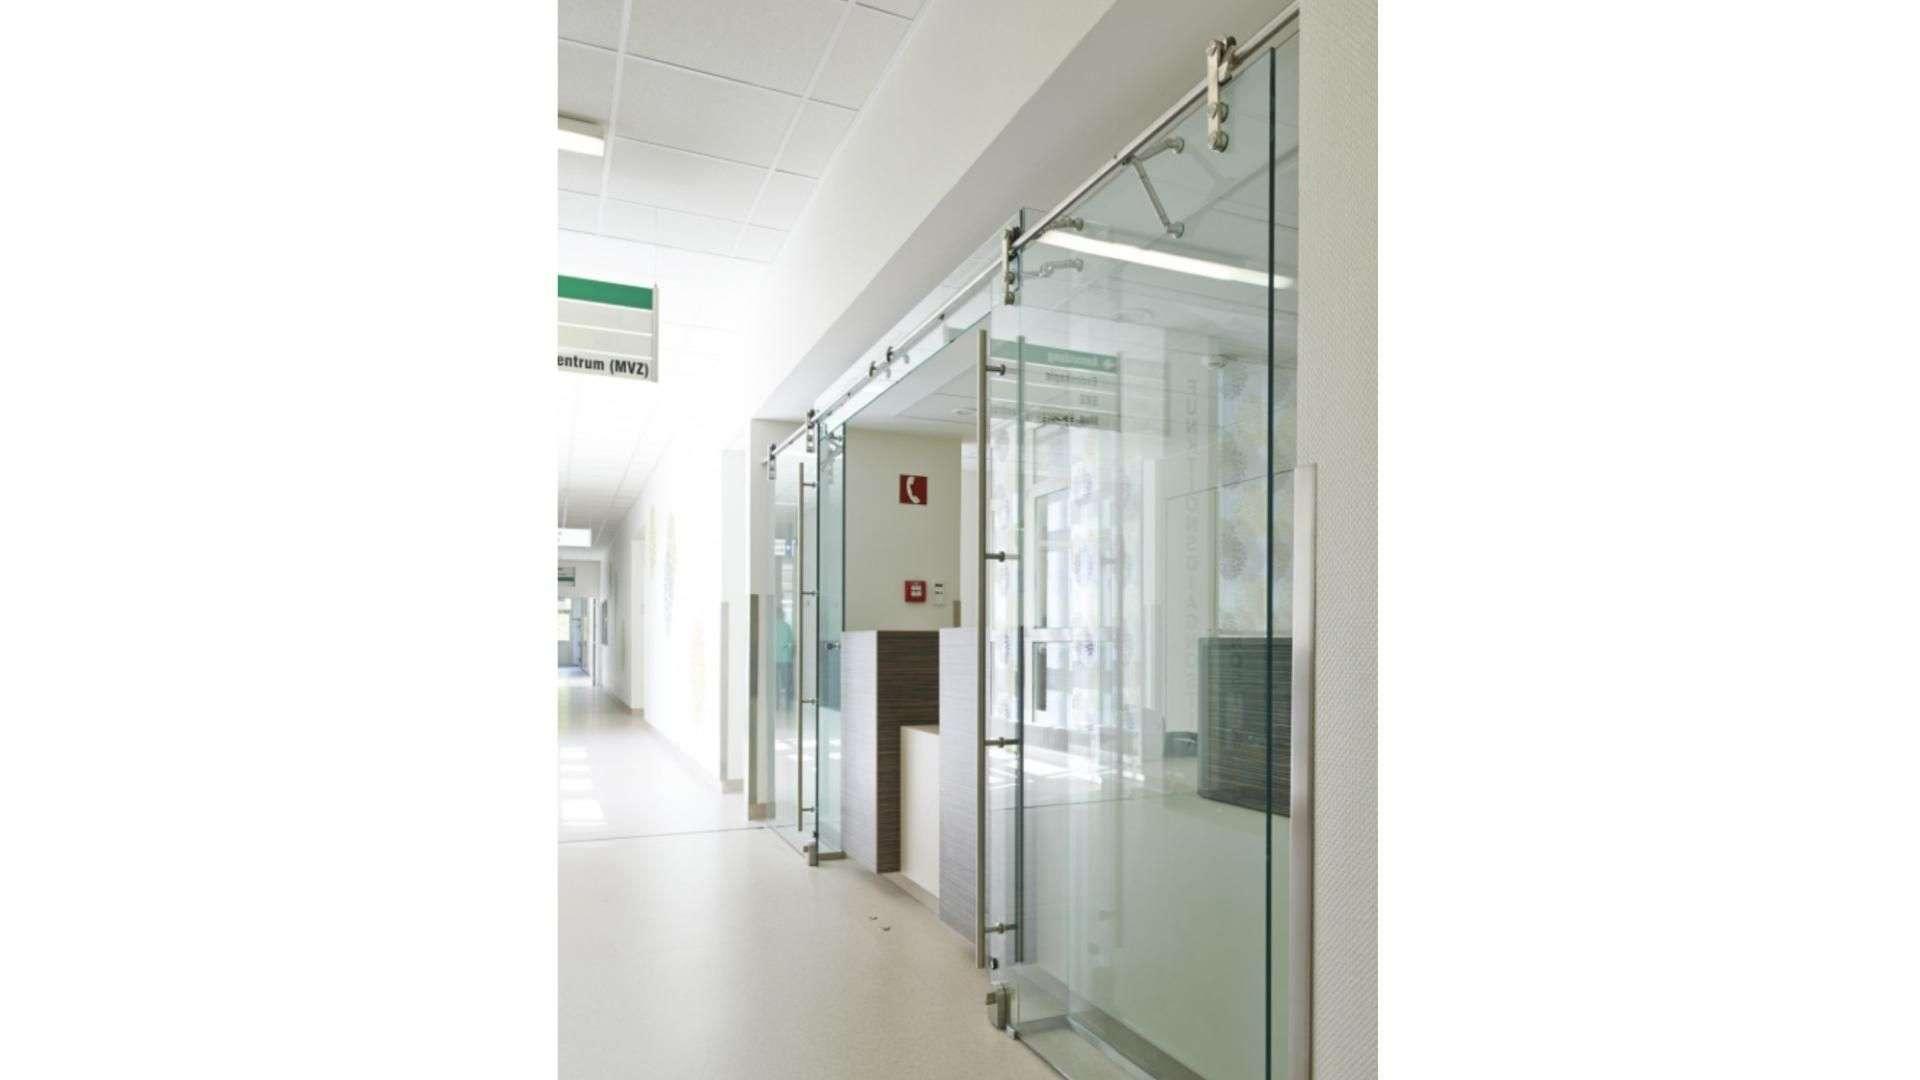 Ganzglas-Anlage vor einem Empfangstresen